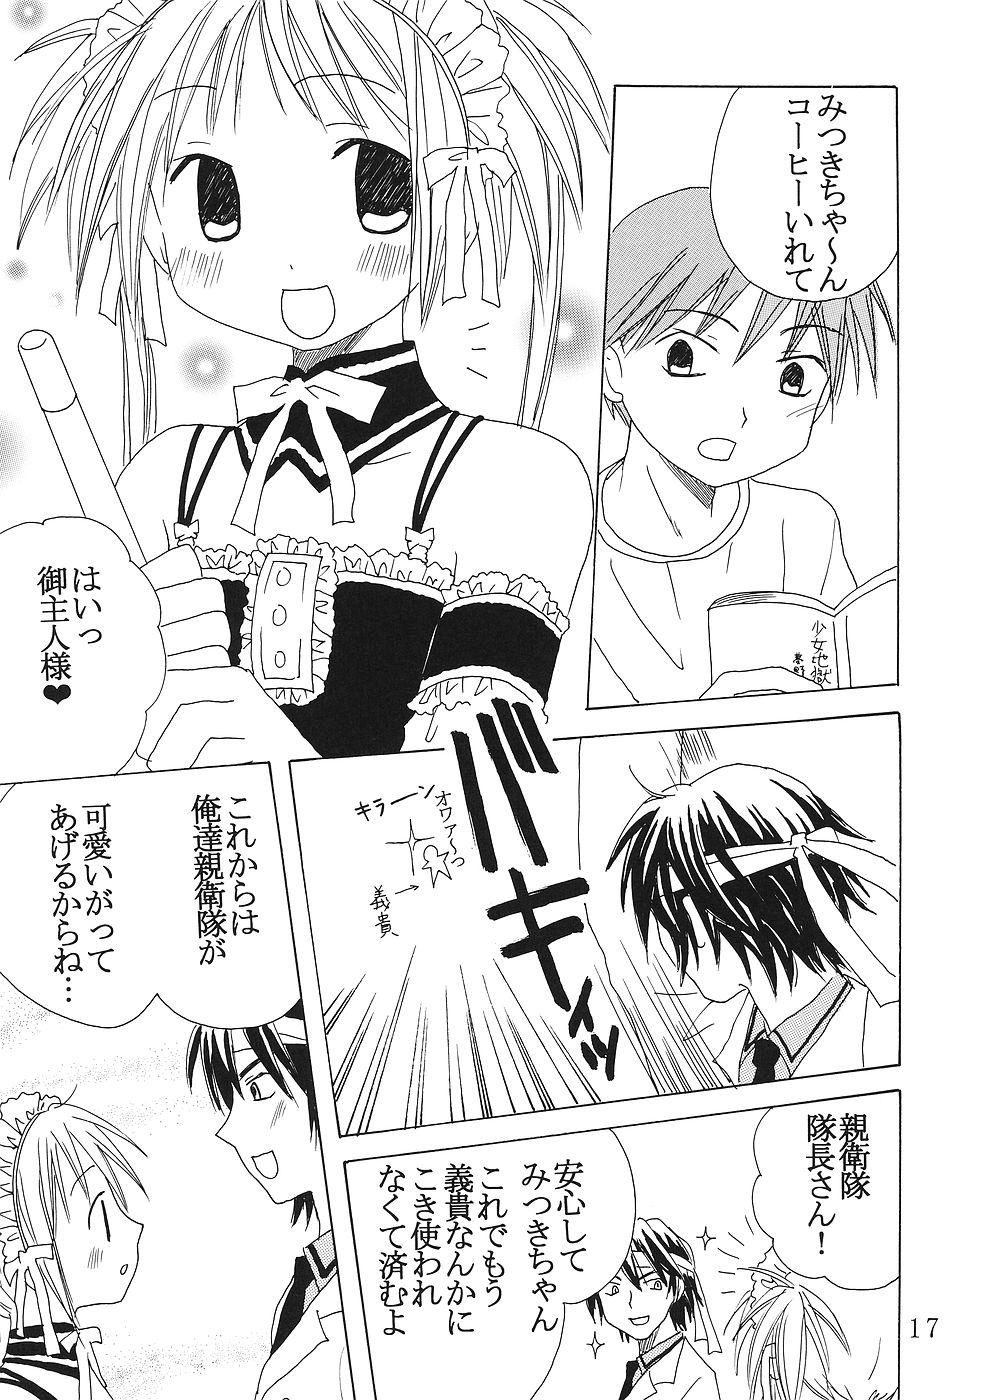 Kyou Kara Ore wa! Goshujin-sama 1 17